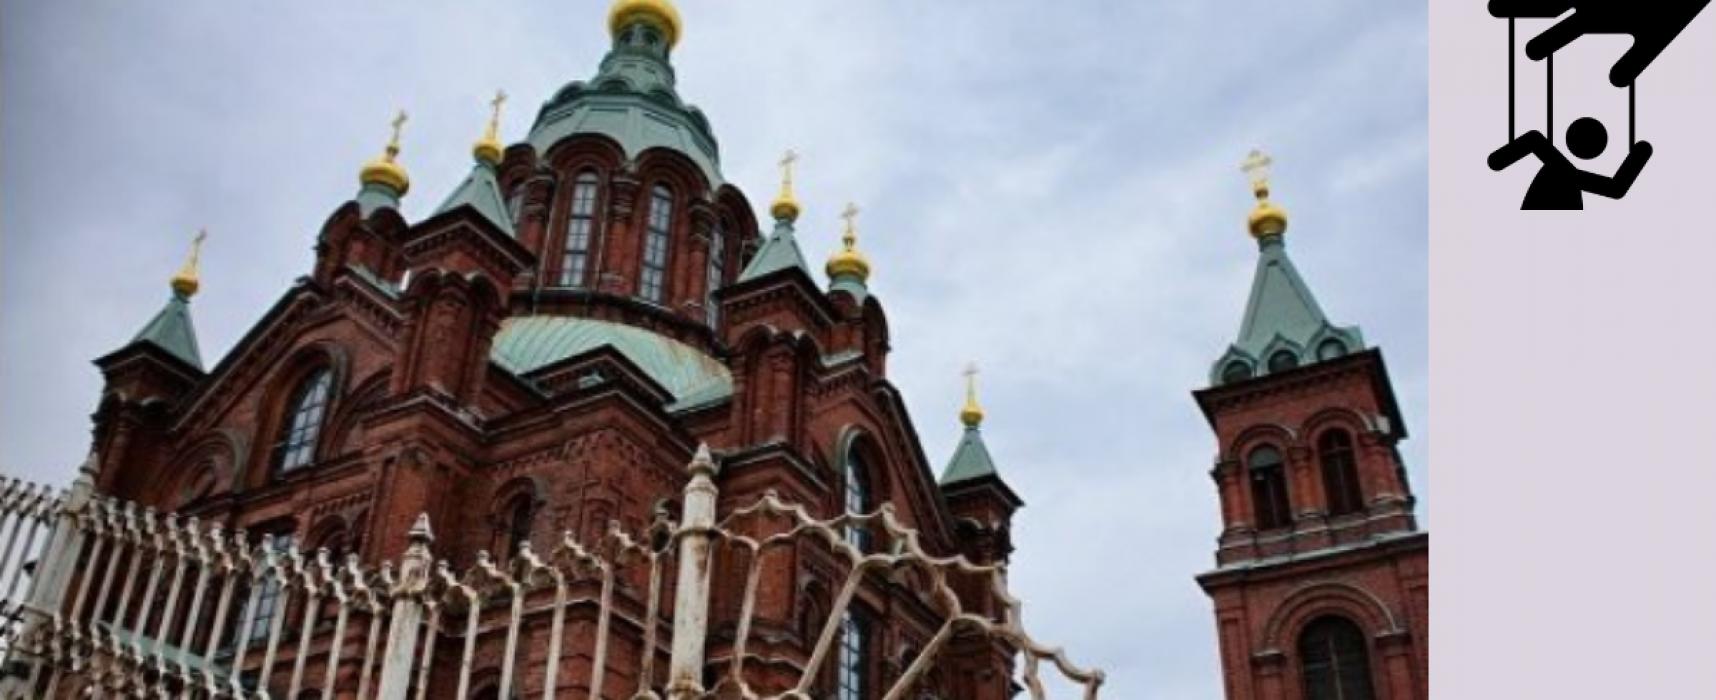 Маніпуляція: церква у Фінляндії спростувала свою підтримку української автокефалії